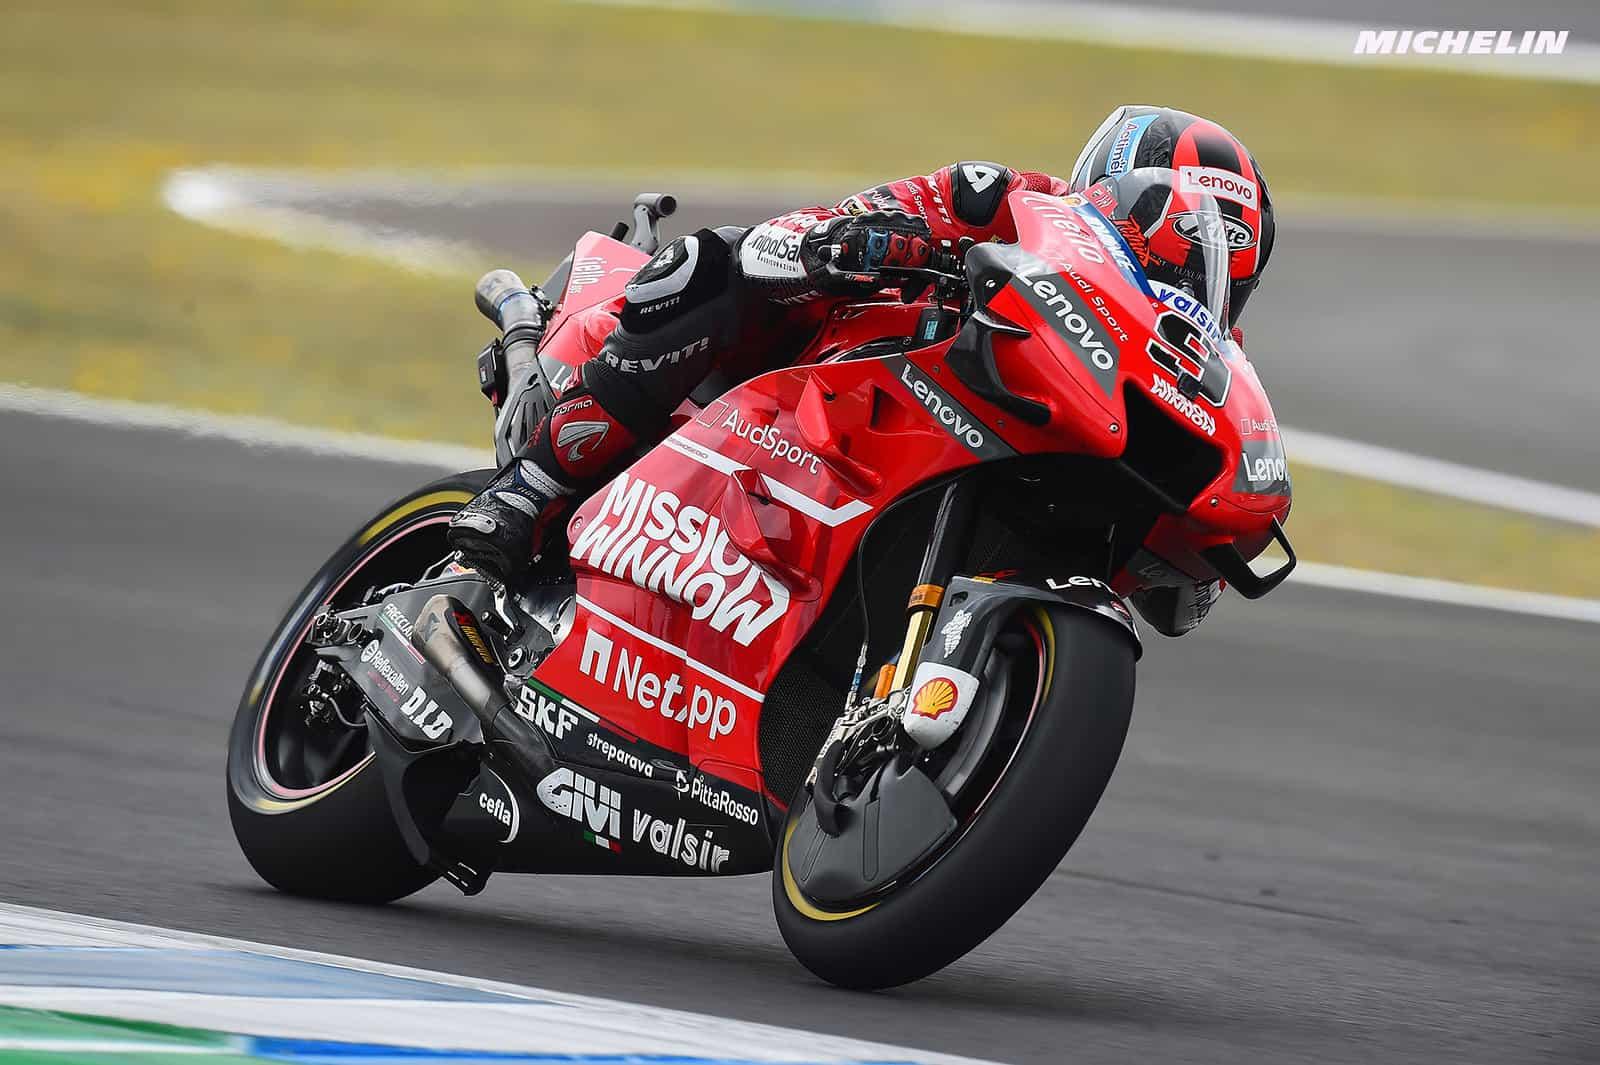 MotoGP2019ヘレスGP 予選7位ペトルッチ「フロントで走れるという自信がある」